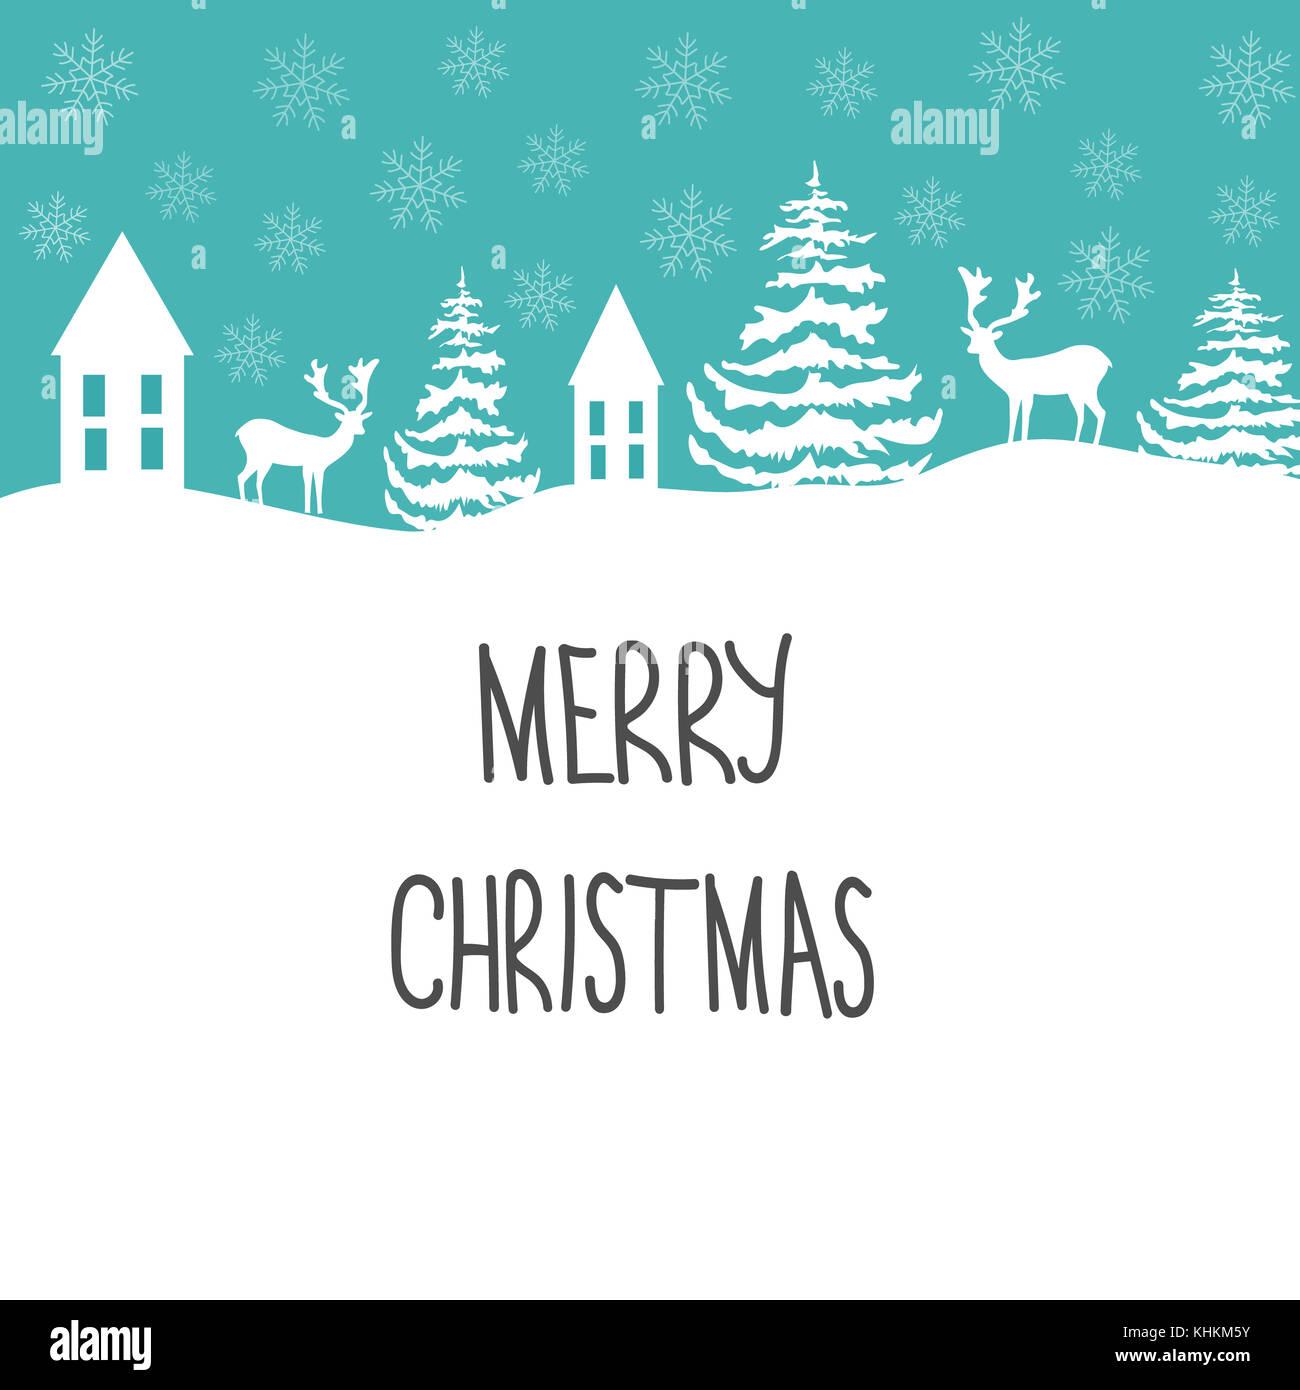 Frohe Weihnachten Grußkarte. weiße Rentier Tannen Schneeflocken ...